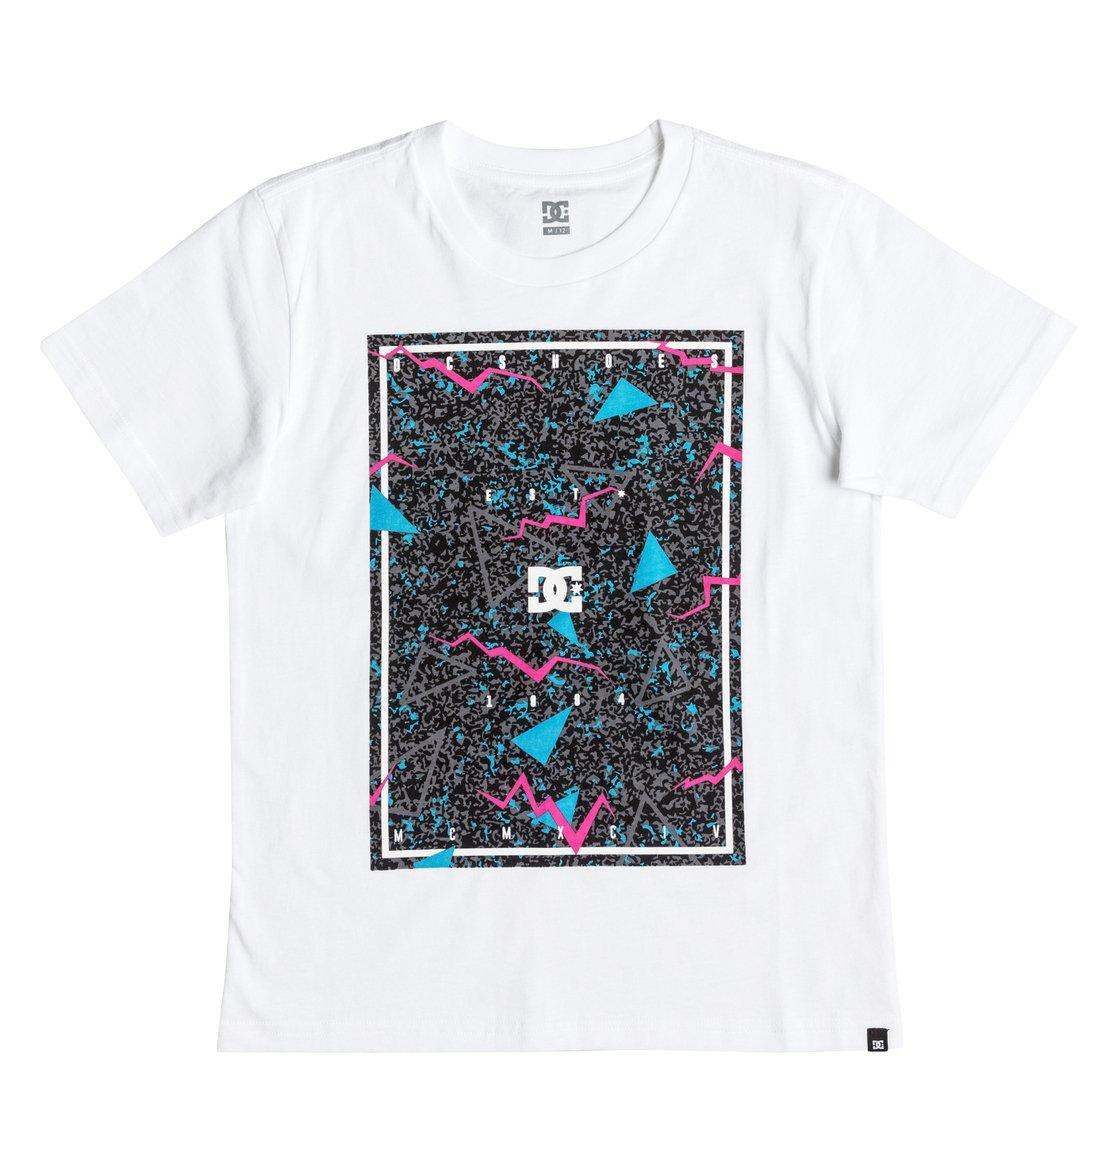 DC Bay - T-Shirt<br>